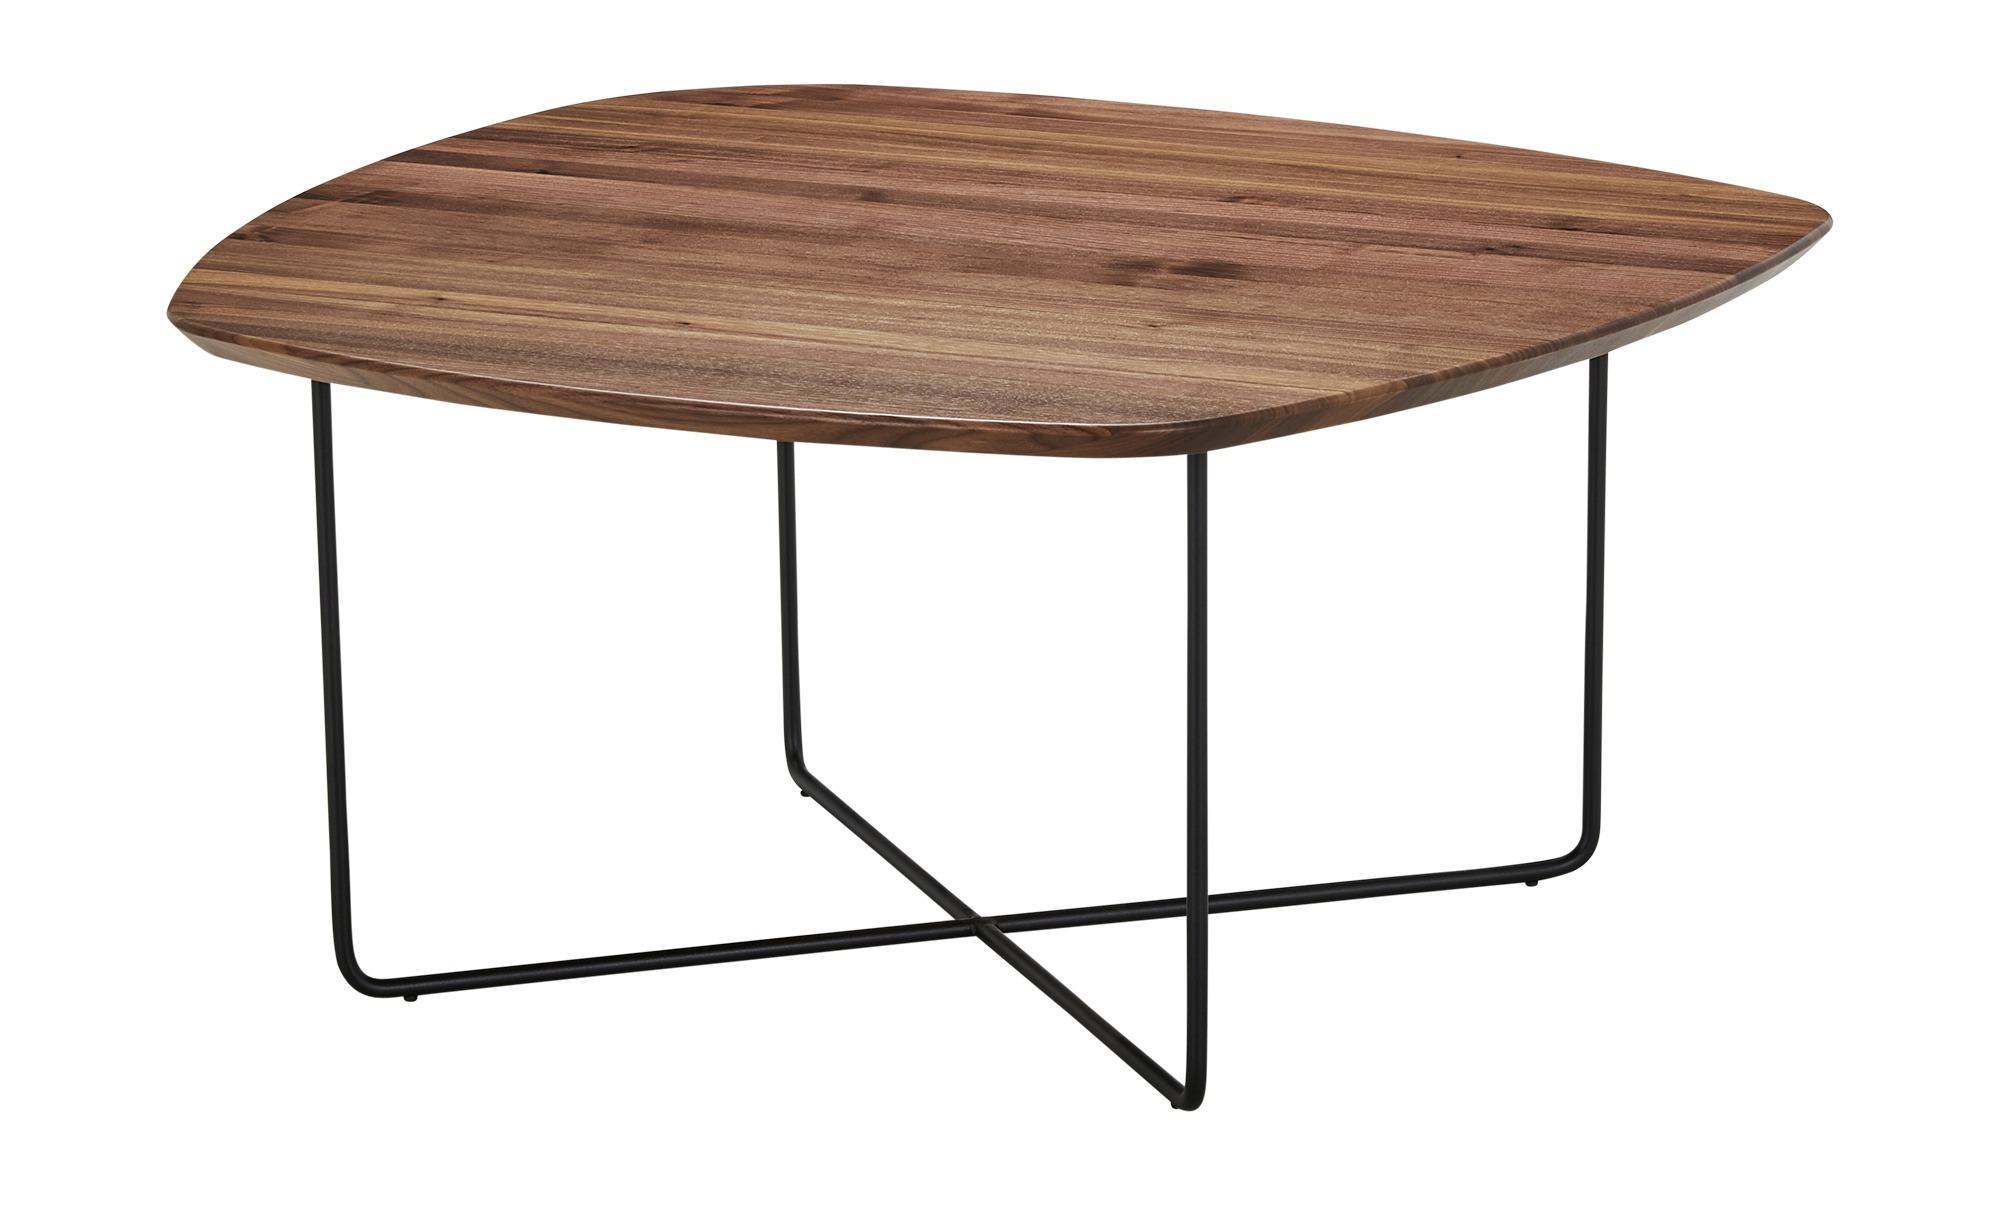 Couchtisch  Soft ¦ Maße (cm): B: 90 H: 43 T: 90 Tische > Couchtische > Couchtisch Massivholz - Höffner